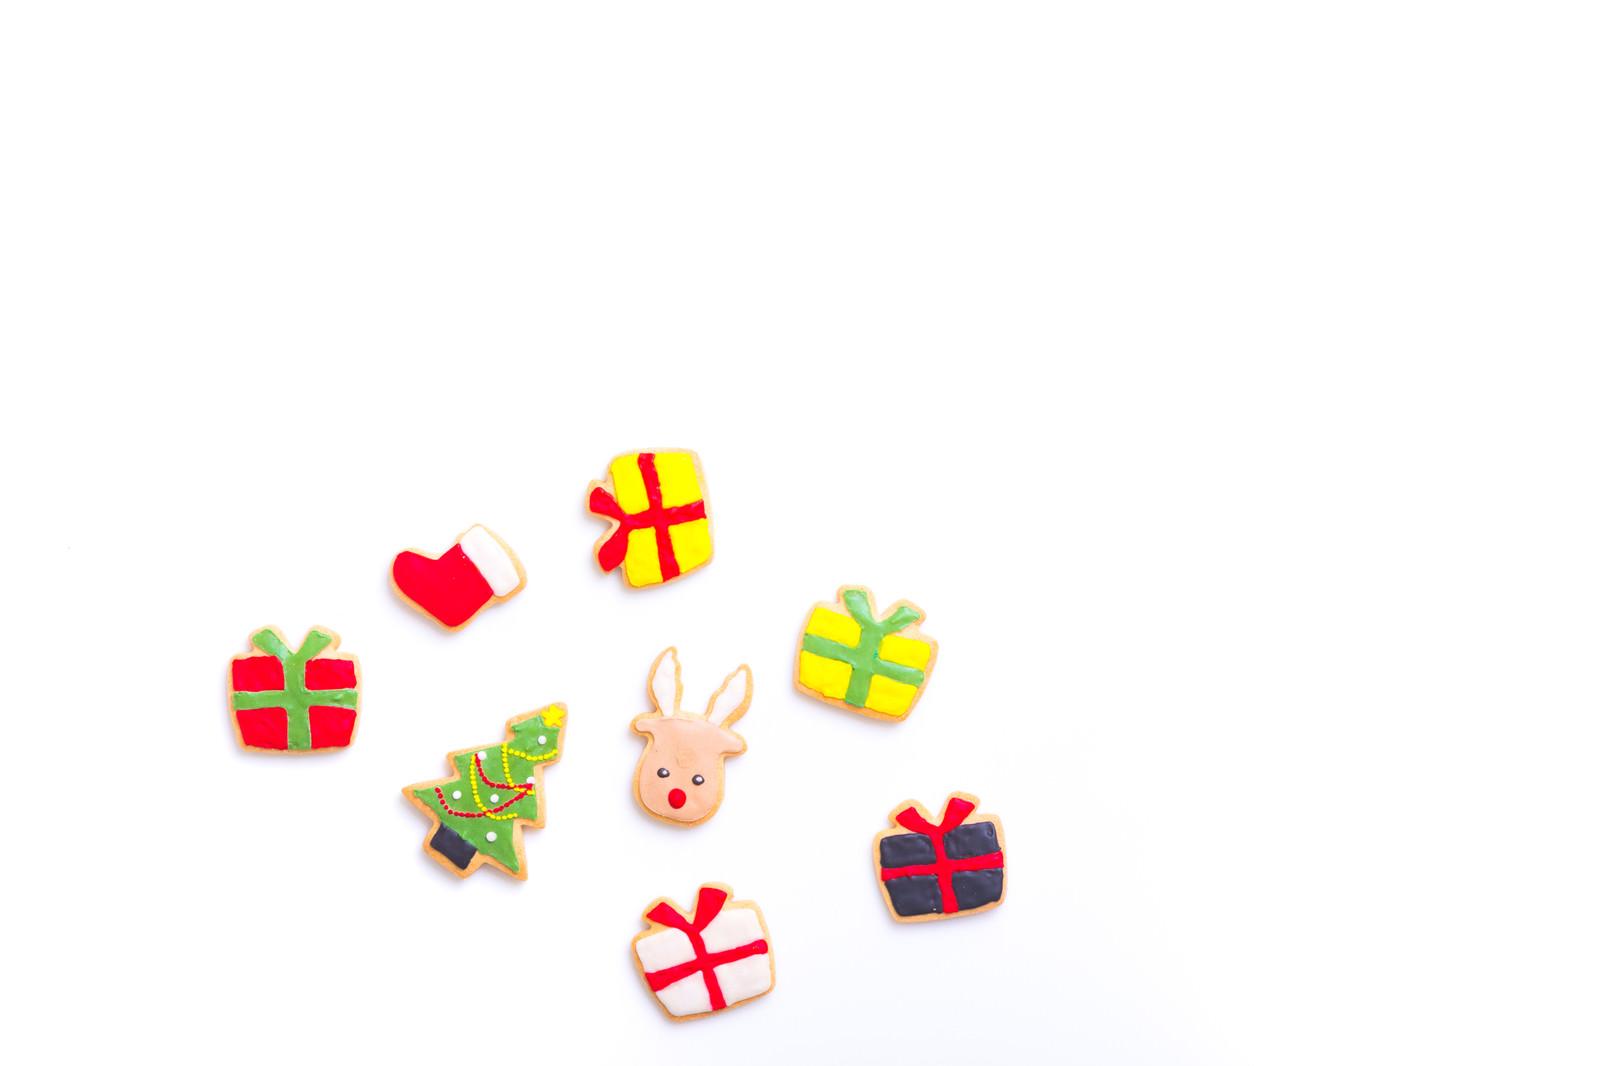 「クリスマスツリーやプレゼントのアイシングクッキー」の写真